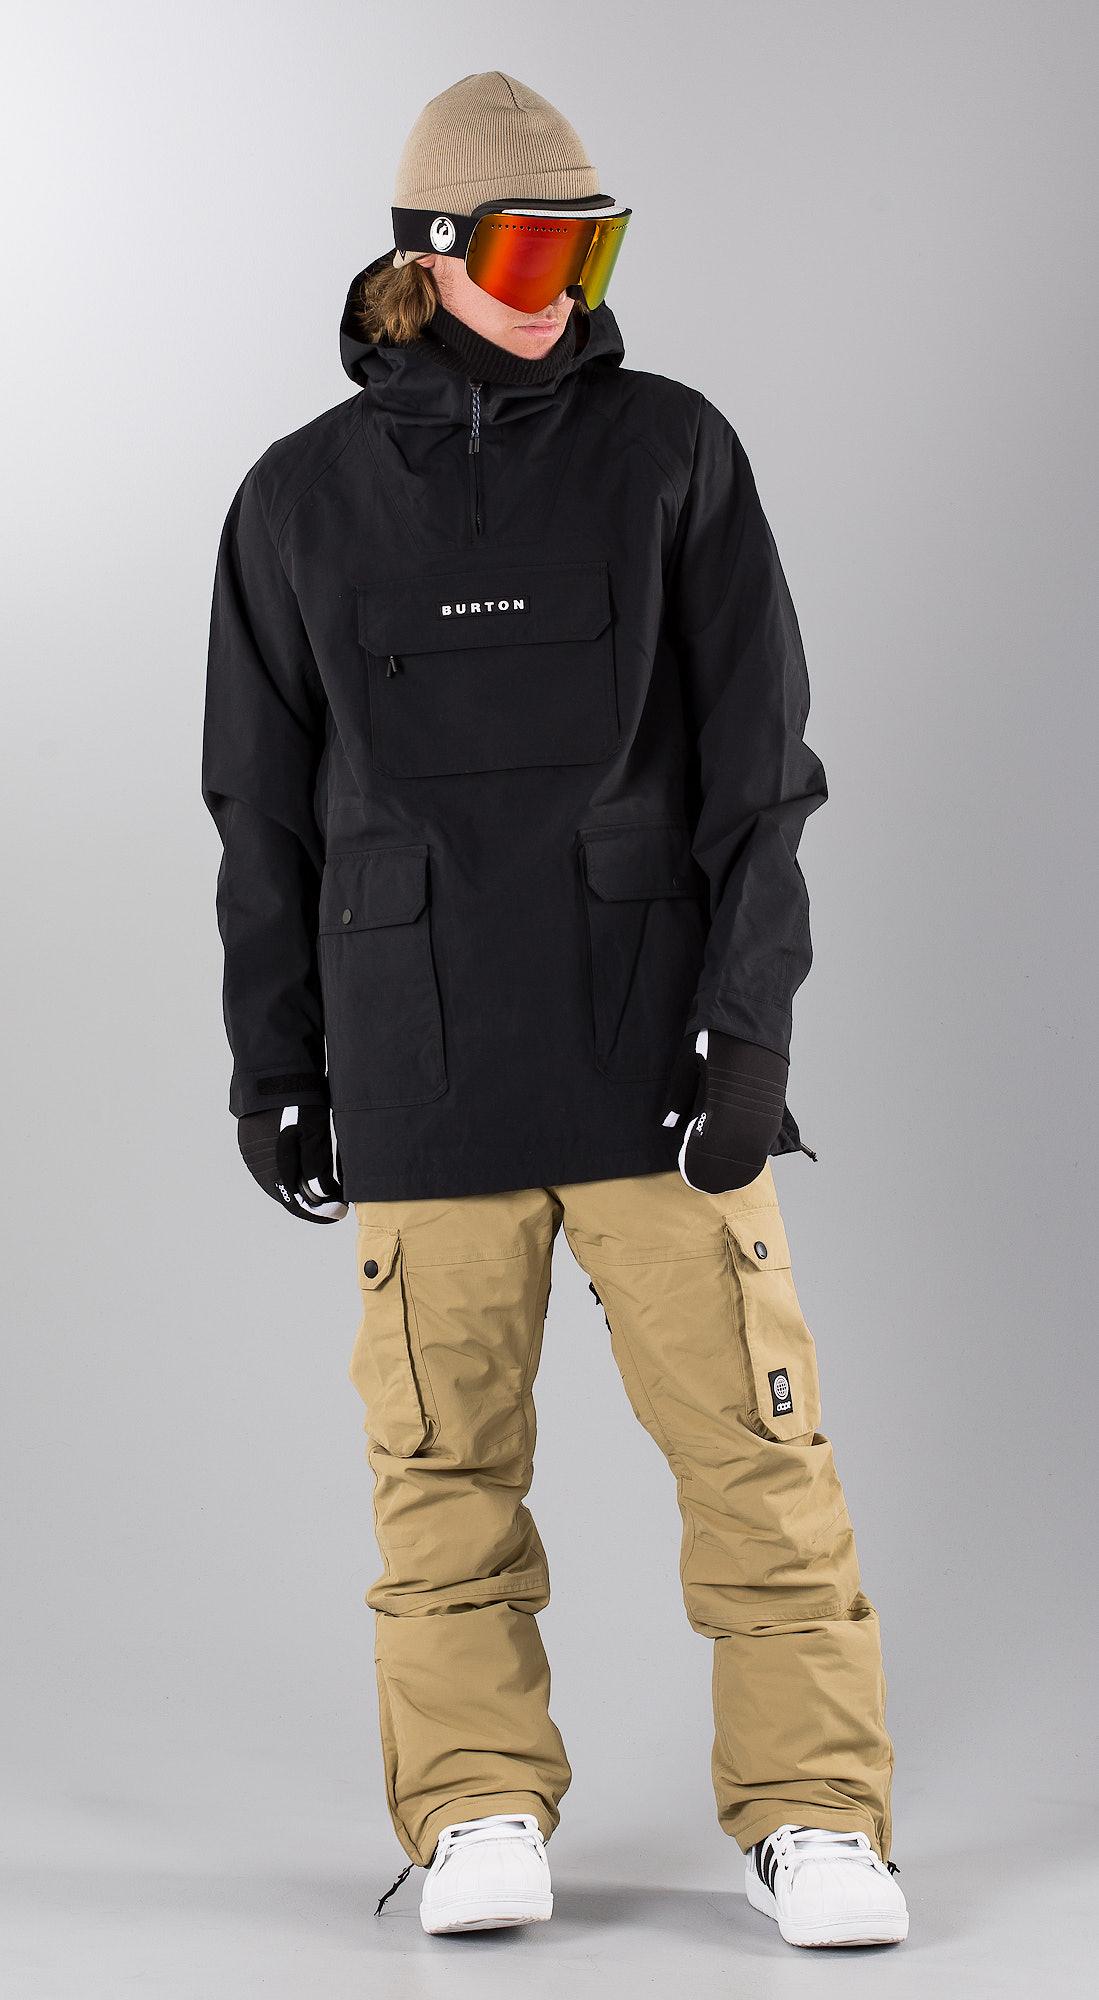 c8311acc05 Burton Paddox True Black Abbigliamento da snowboard - Ridestore